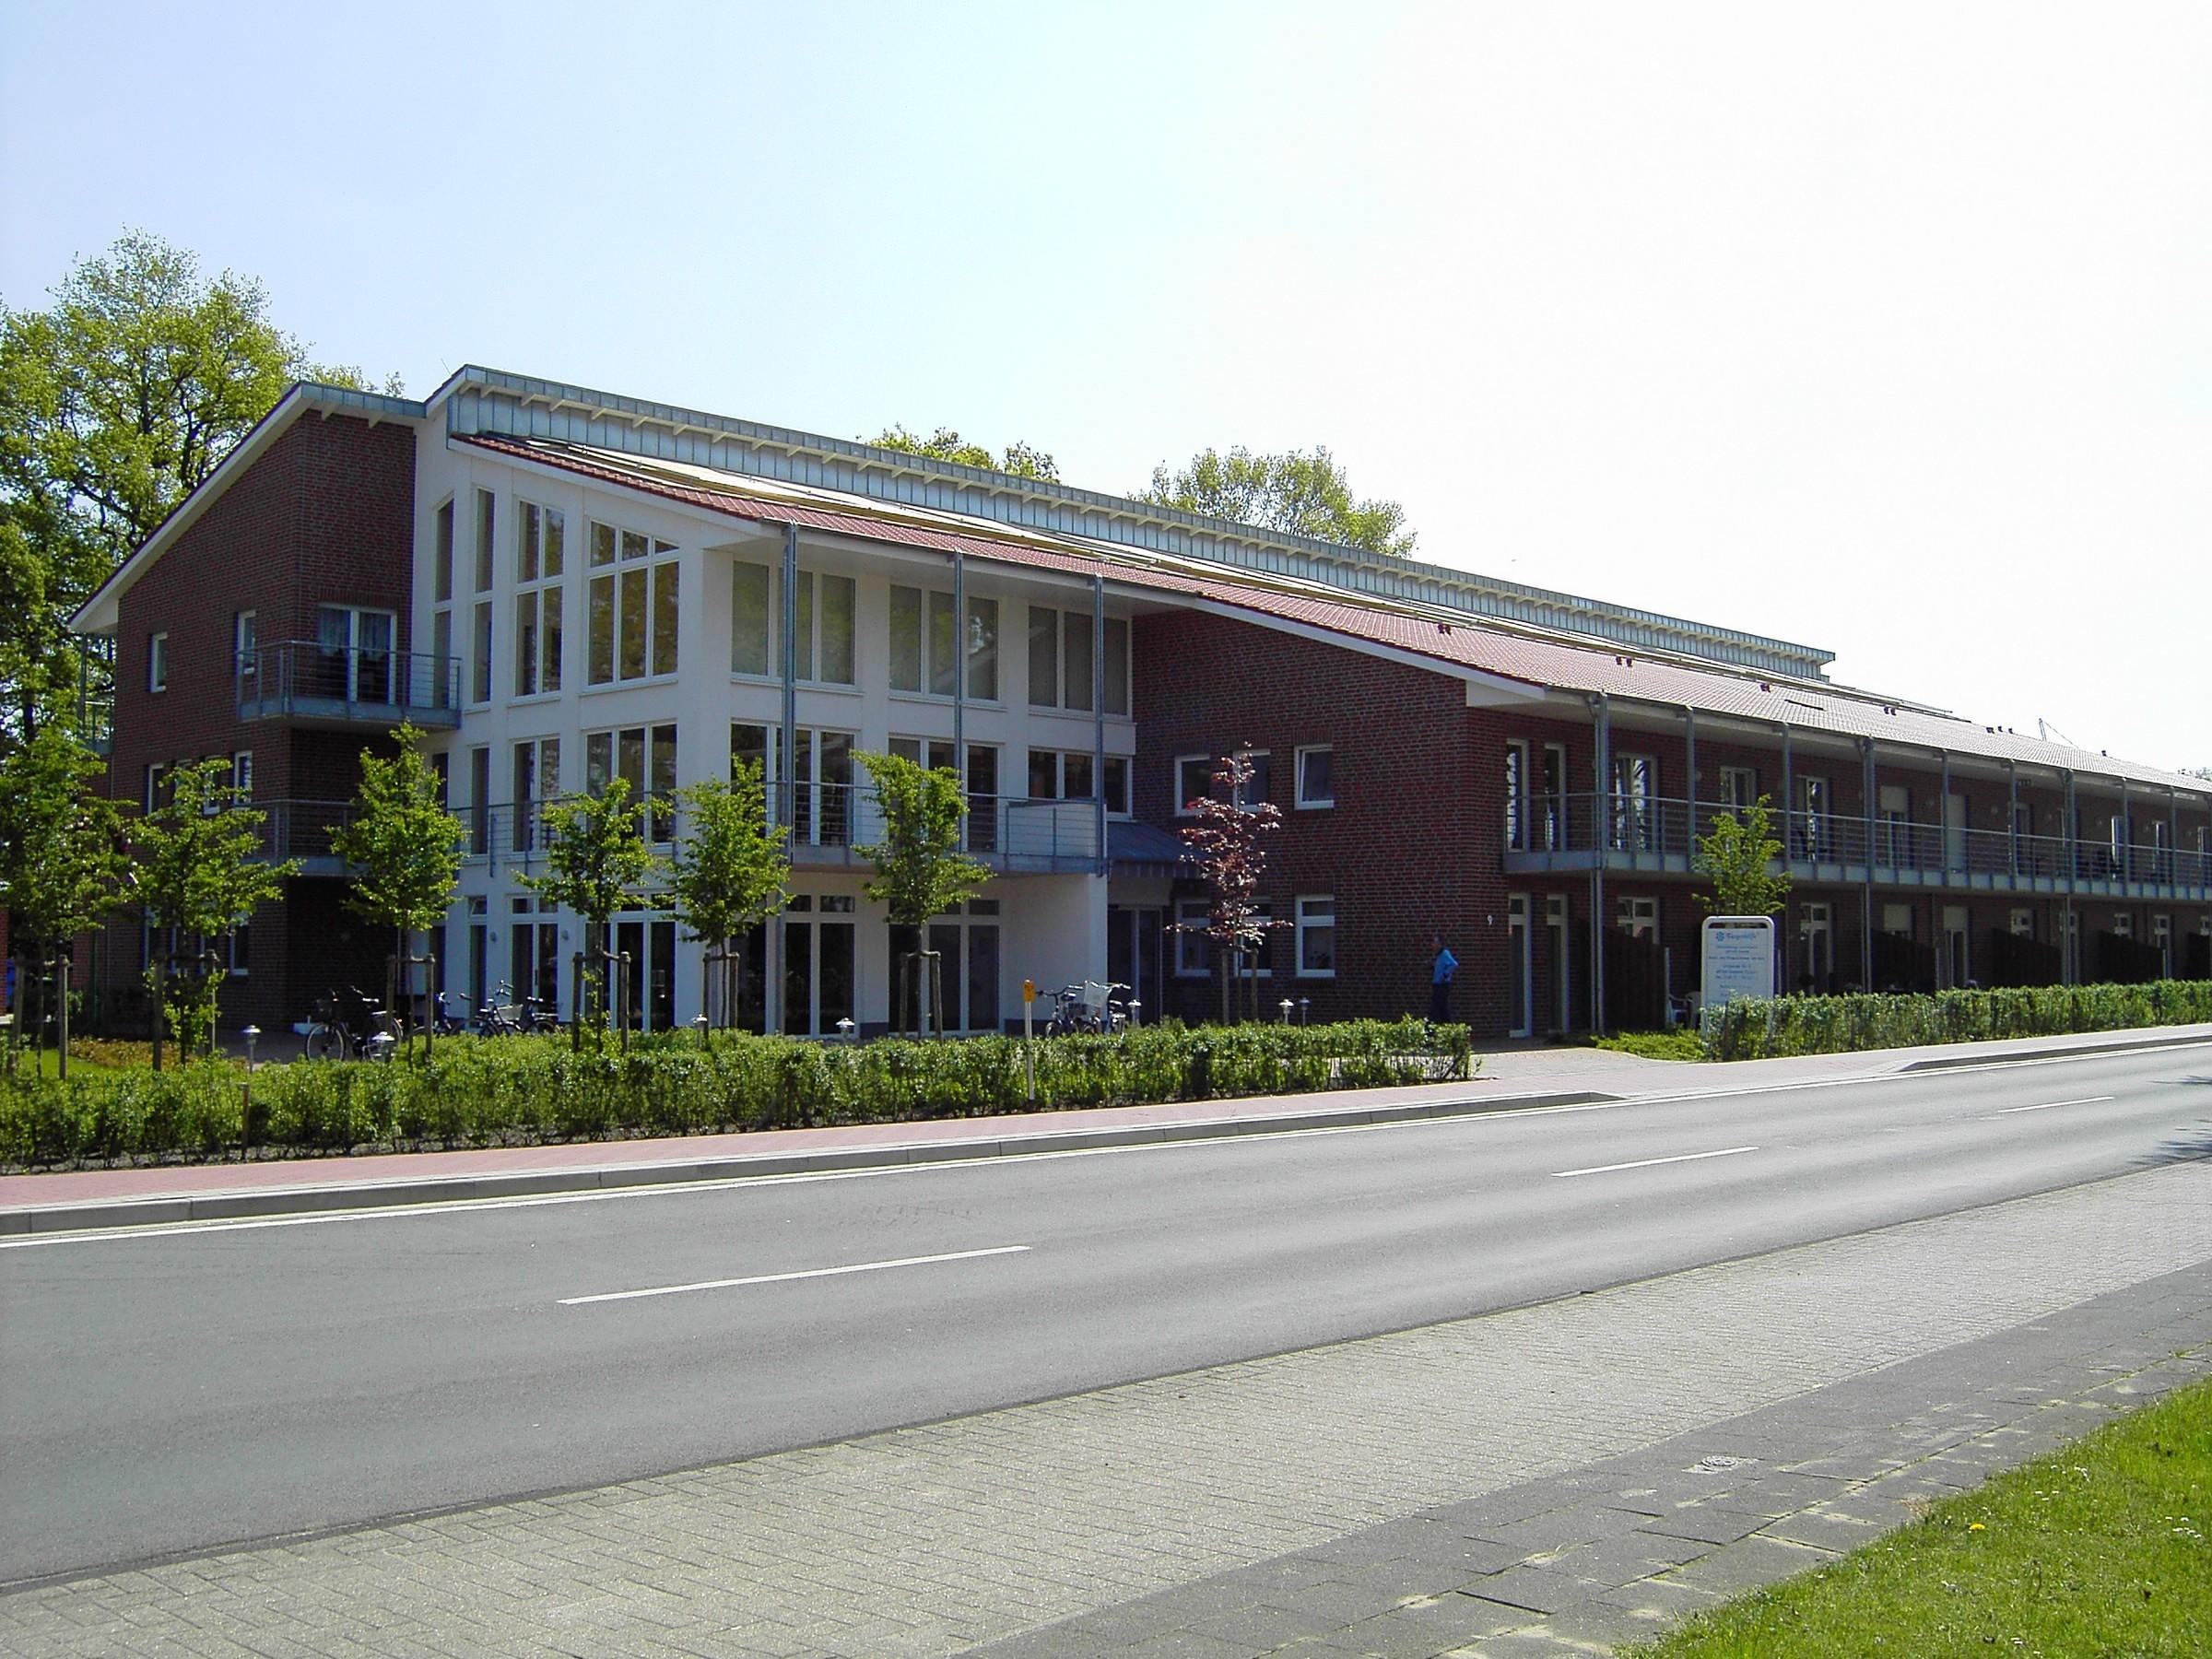 Wohn- und Pflegezentrum